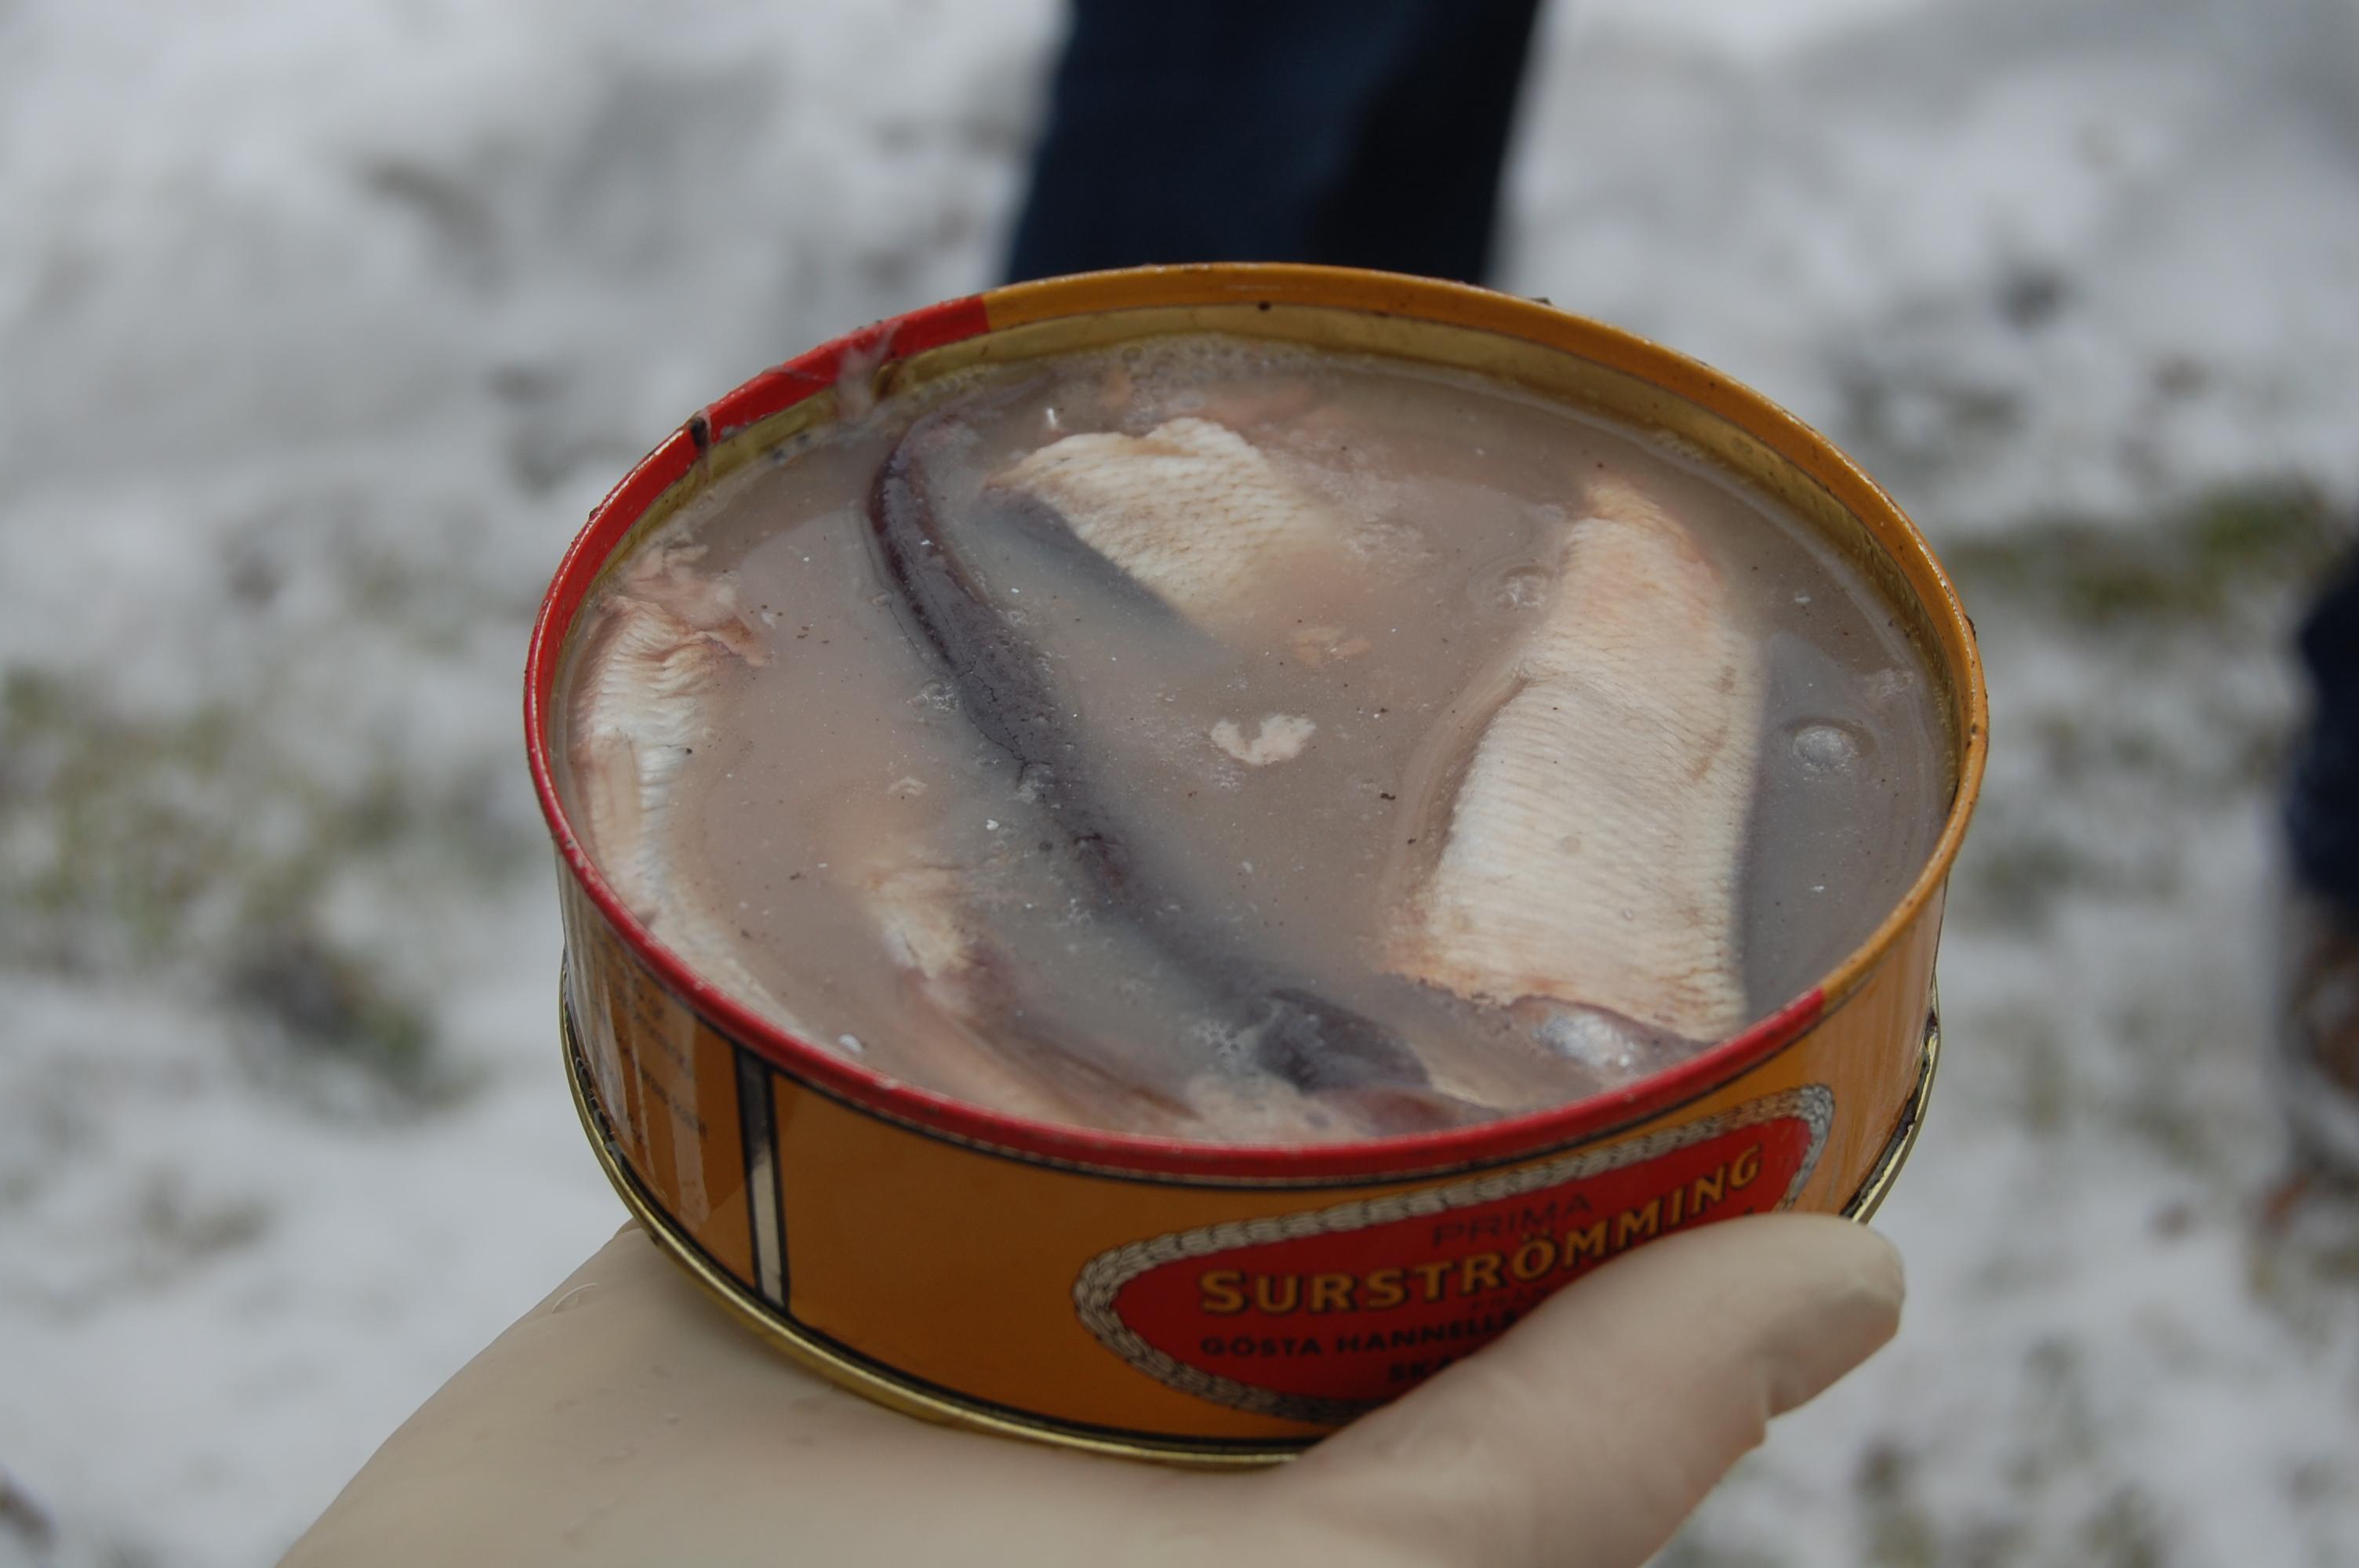 Сюрстрёмминг – необычный норвежский деликатес